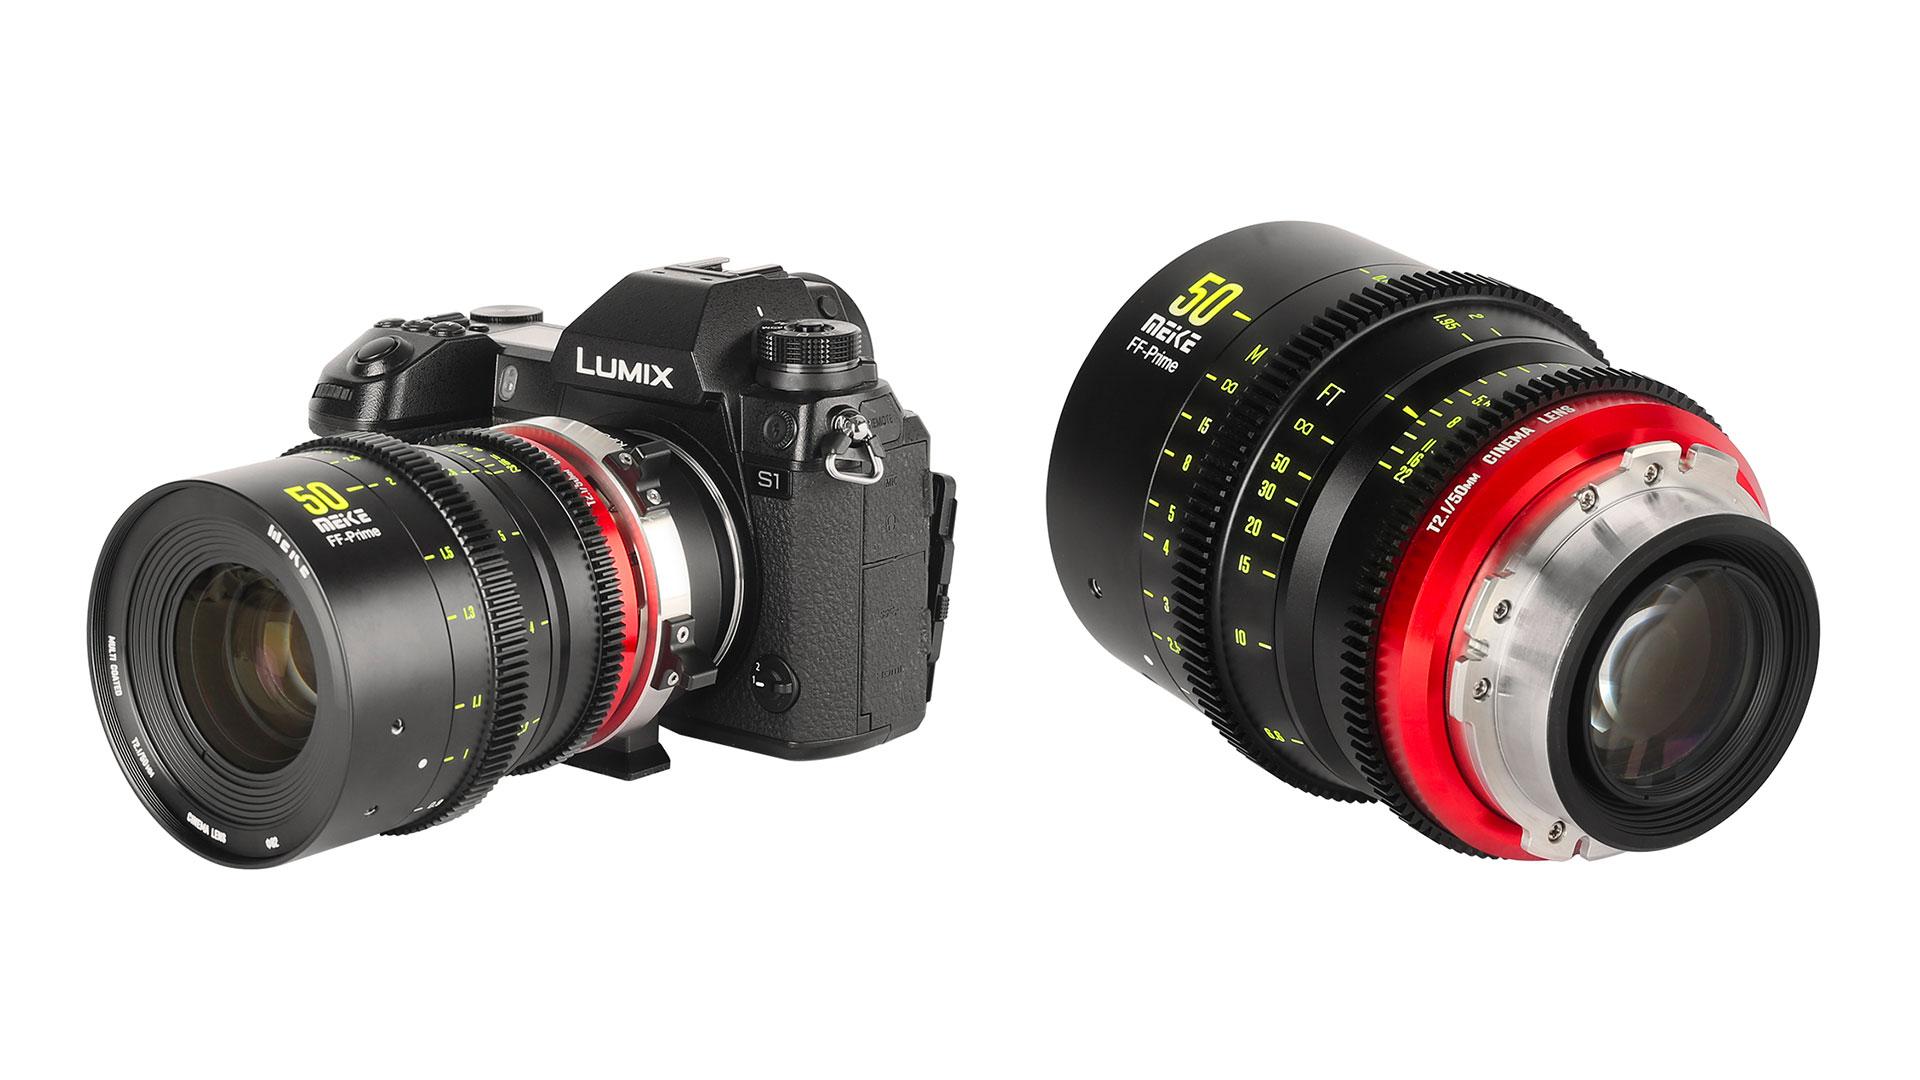 Meikeが50mm T/2.1シネレンズを発表